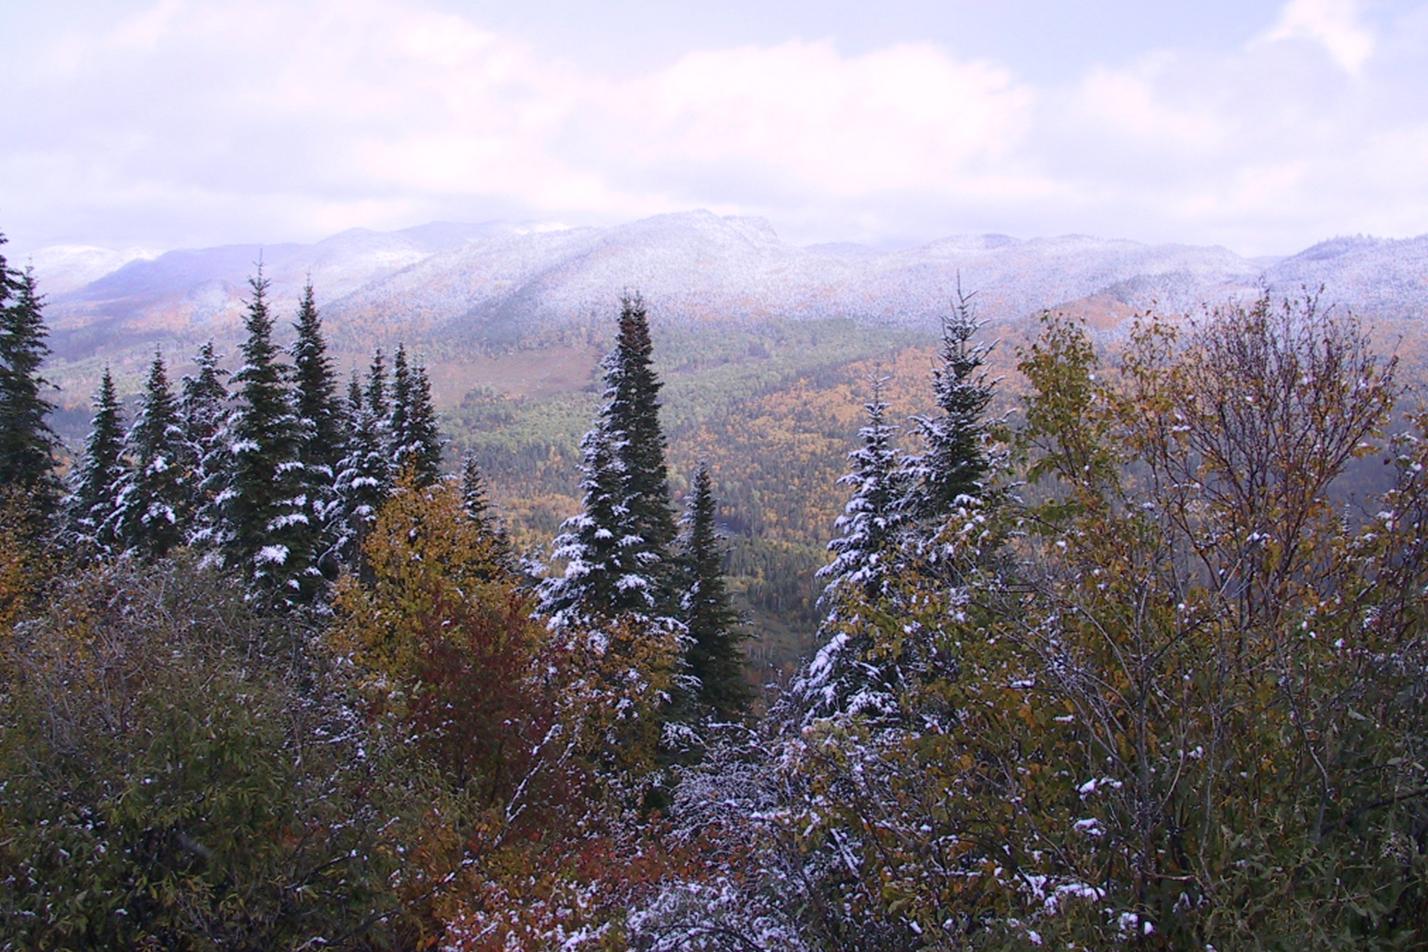 image d'une forêt aux couleurs d'automne sous un duvet de neige